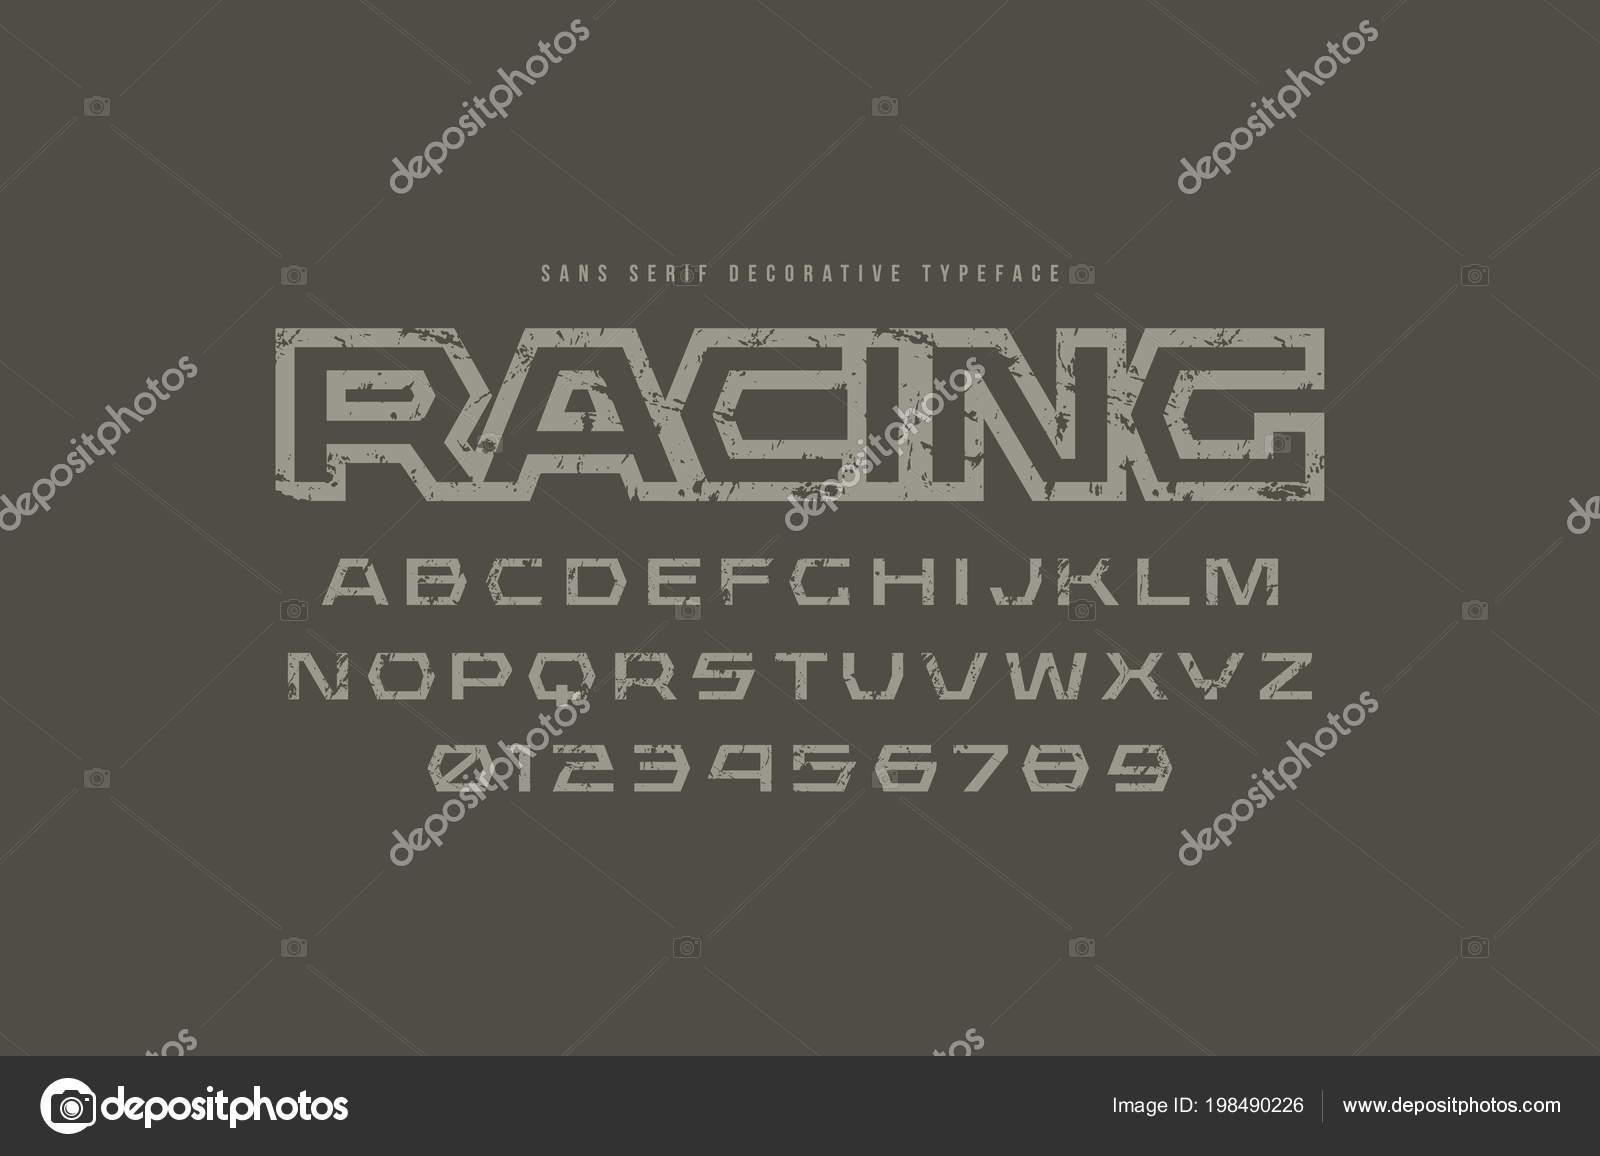 5c2d9707e Fontes geométricas sem serifa no estilo esporte. Design de logotipo e  título de corrida de letras e números com textura áspera para Sci-Fi